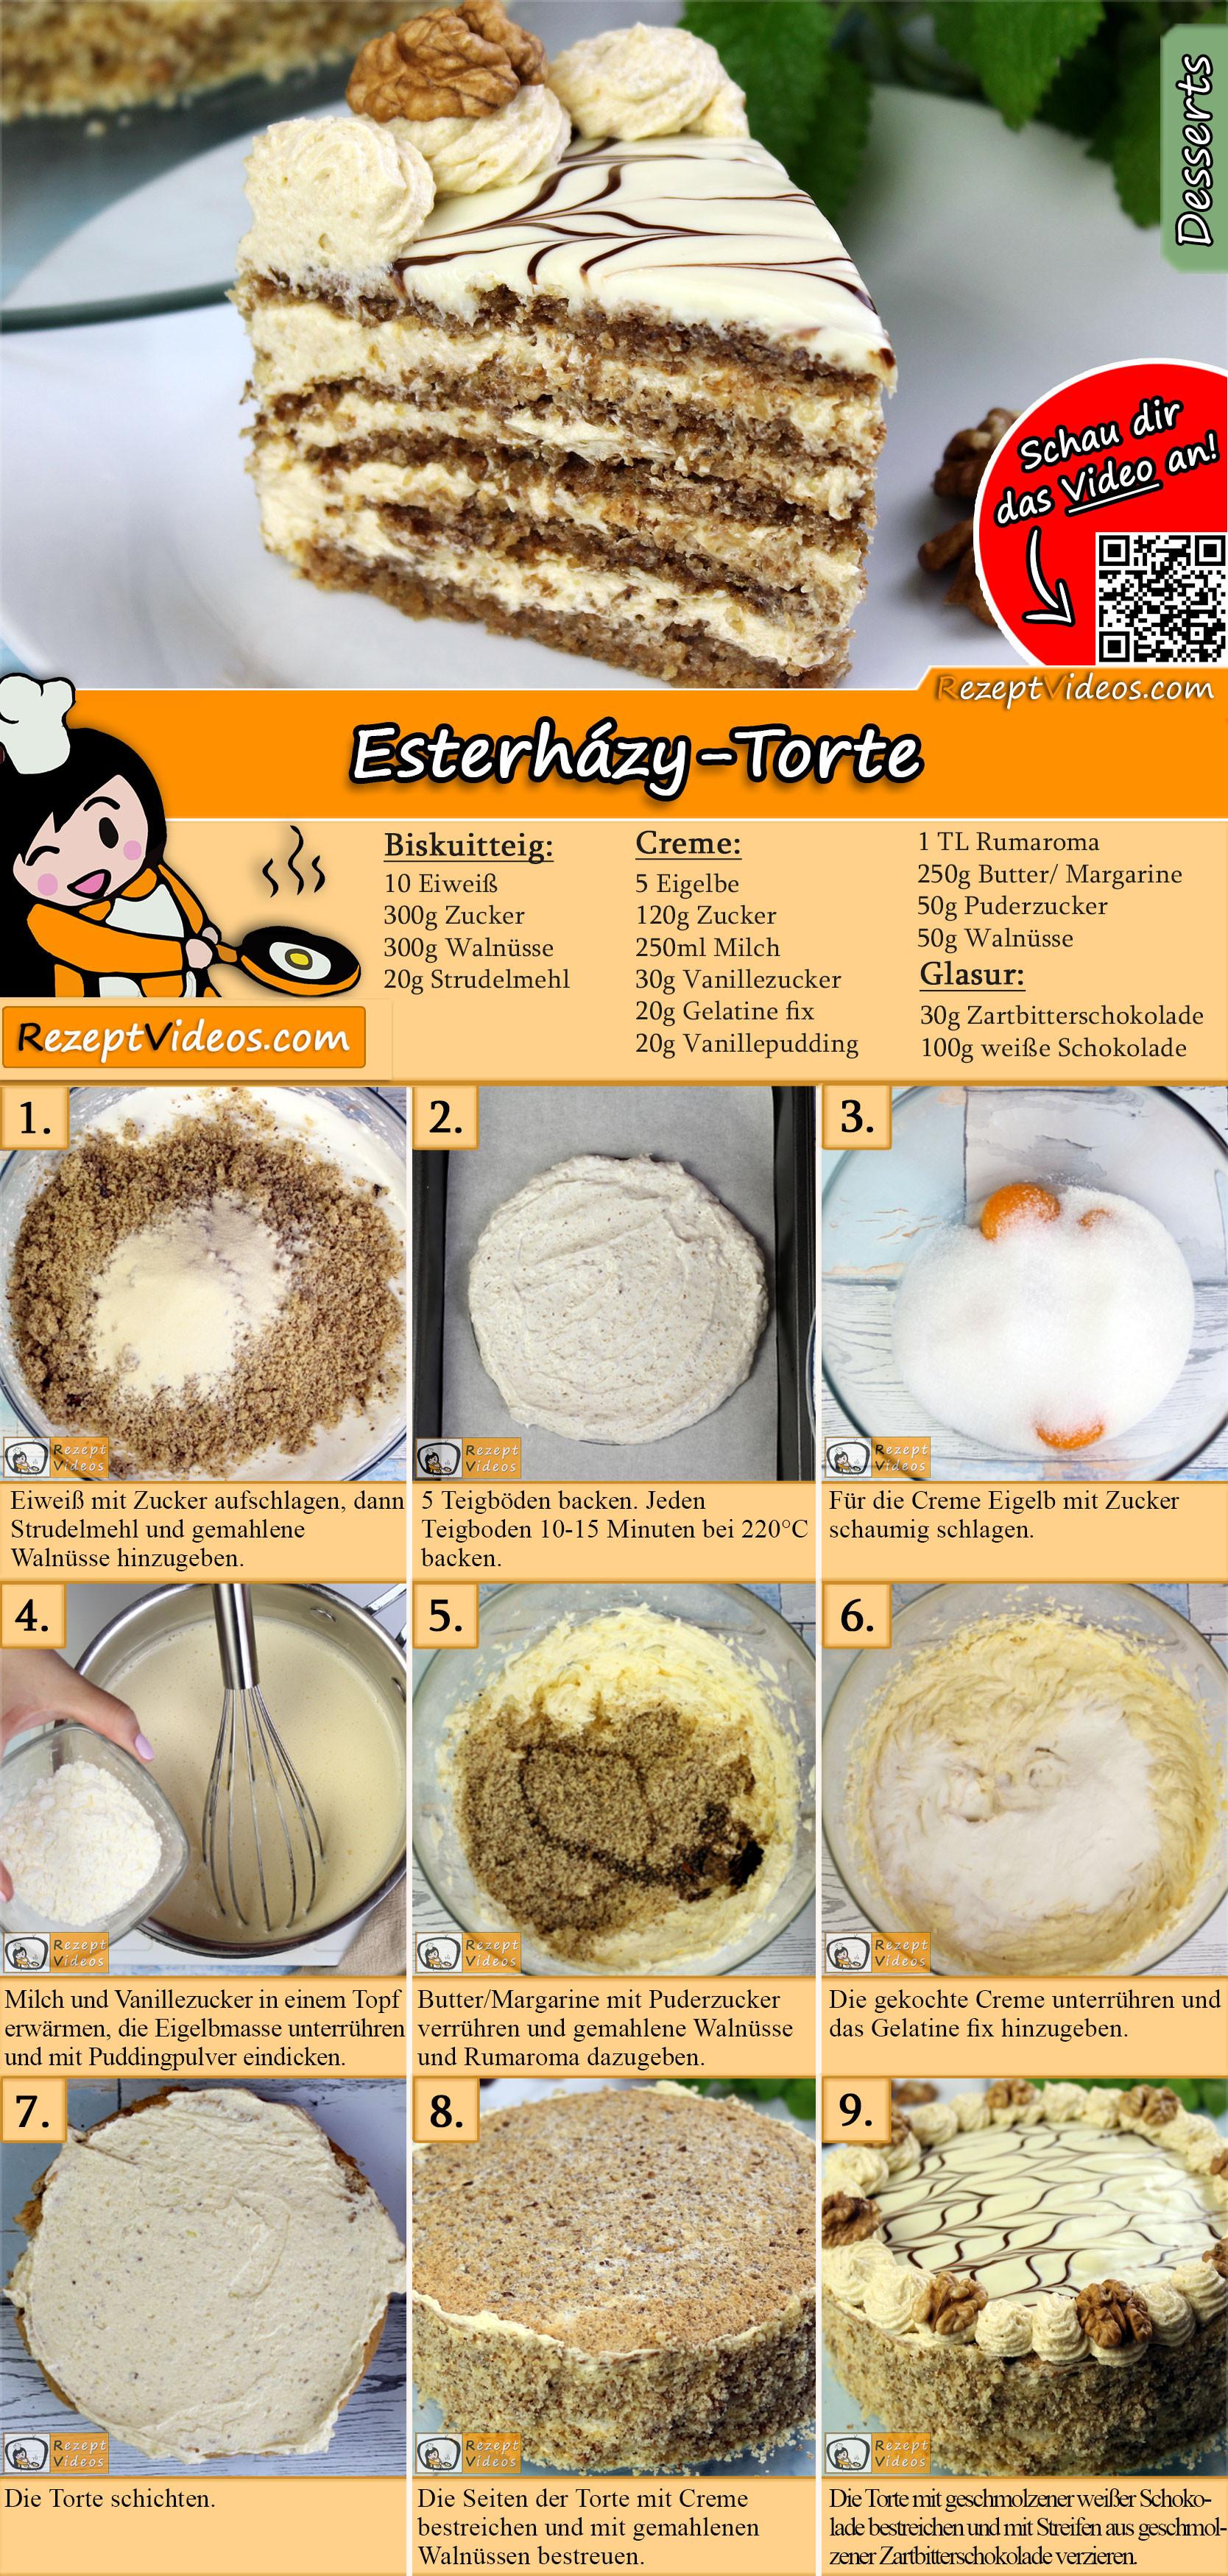 Esterházy-Torte Rezept mit Video